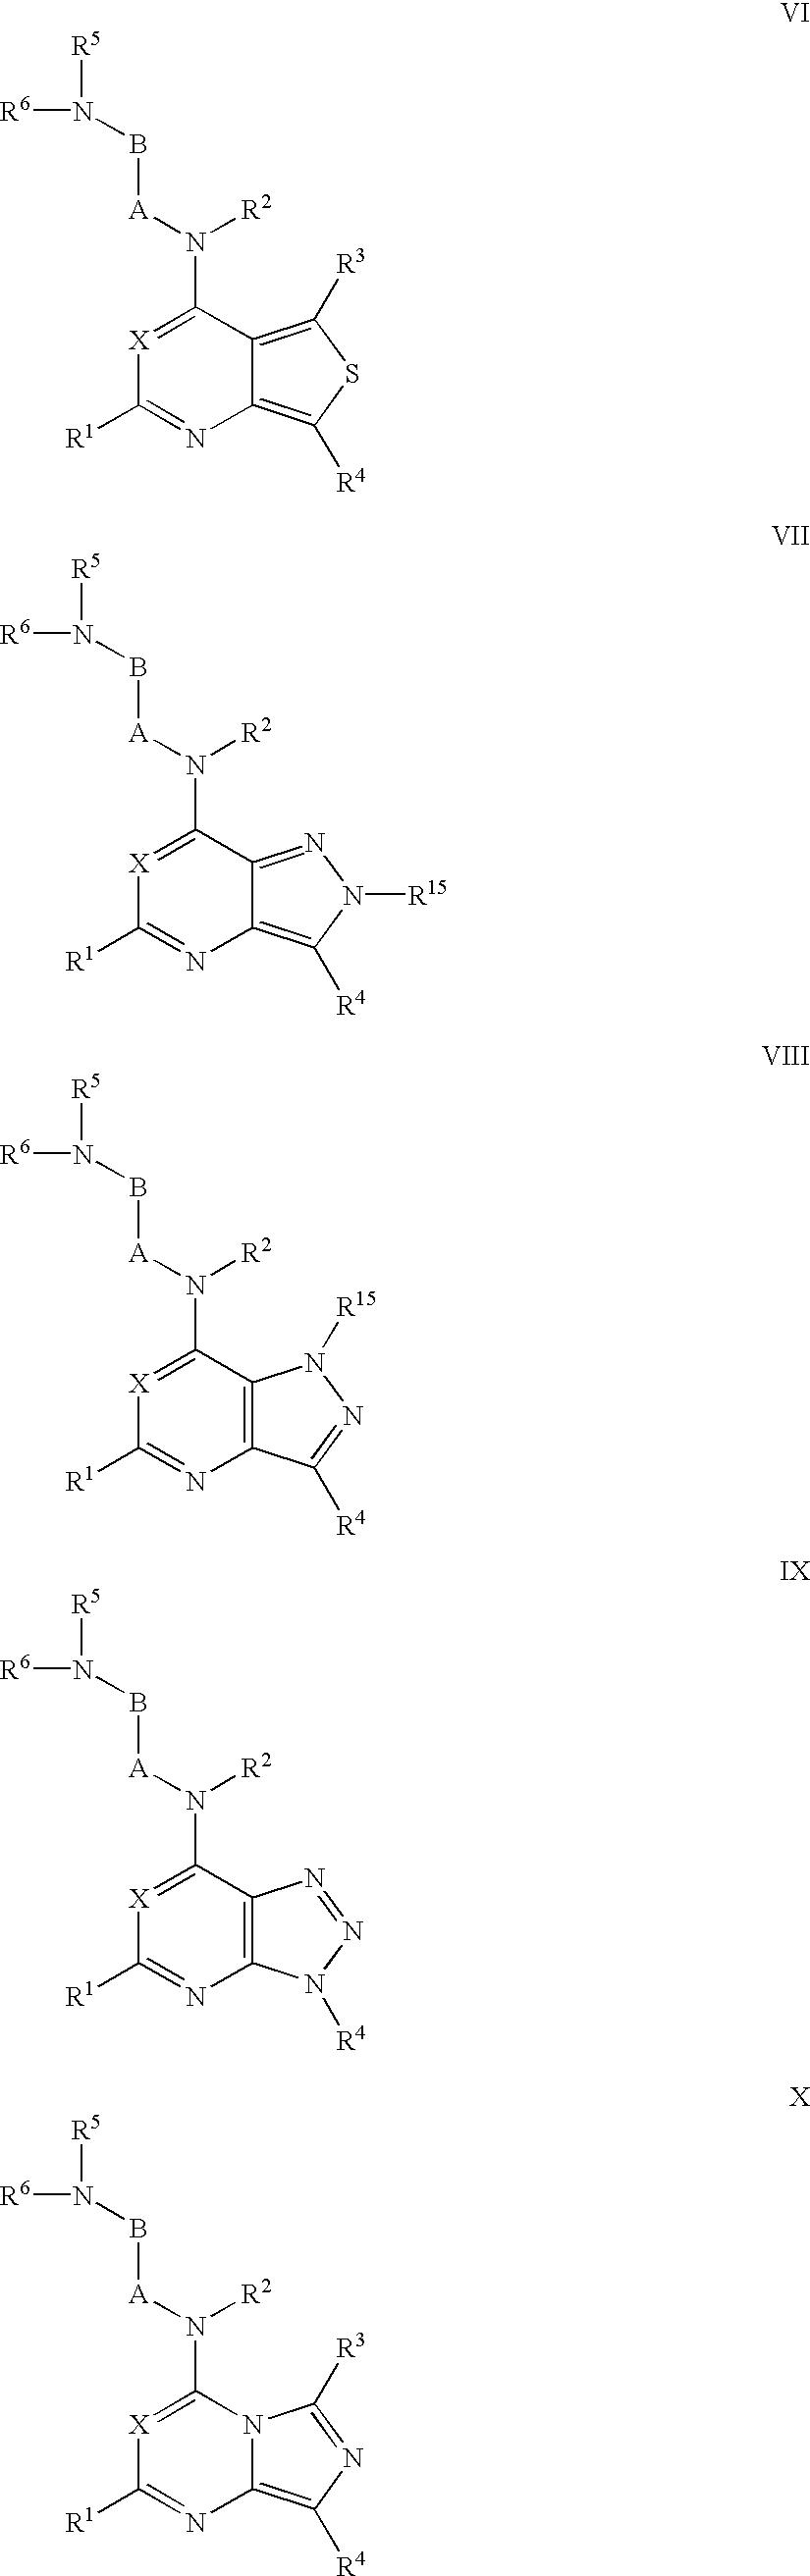 Figure US06506762-20030114-C00002